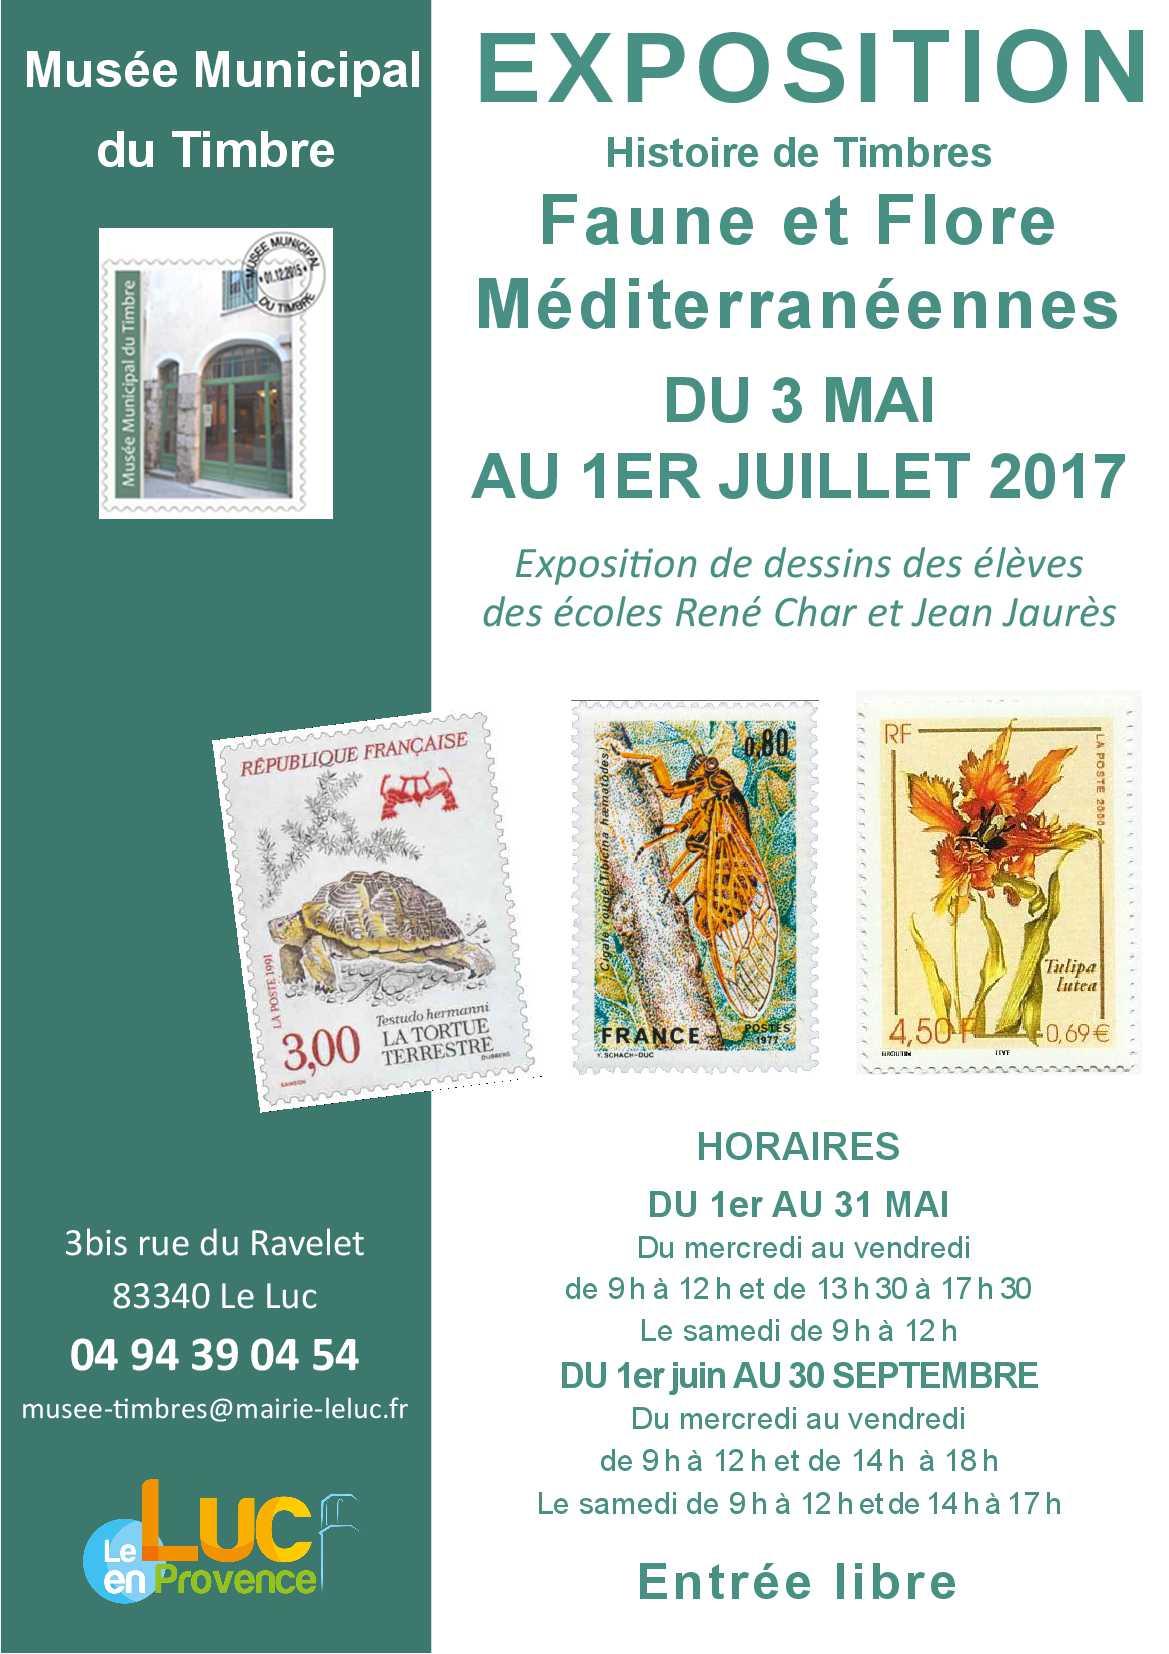 Du 3 mai au 1er juillet – Exposition faune et flore méditerranéennes